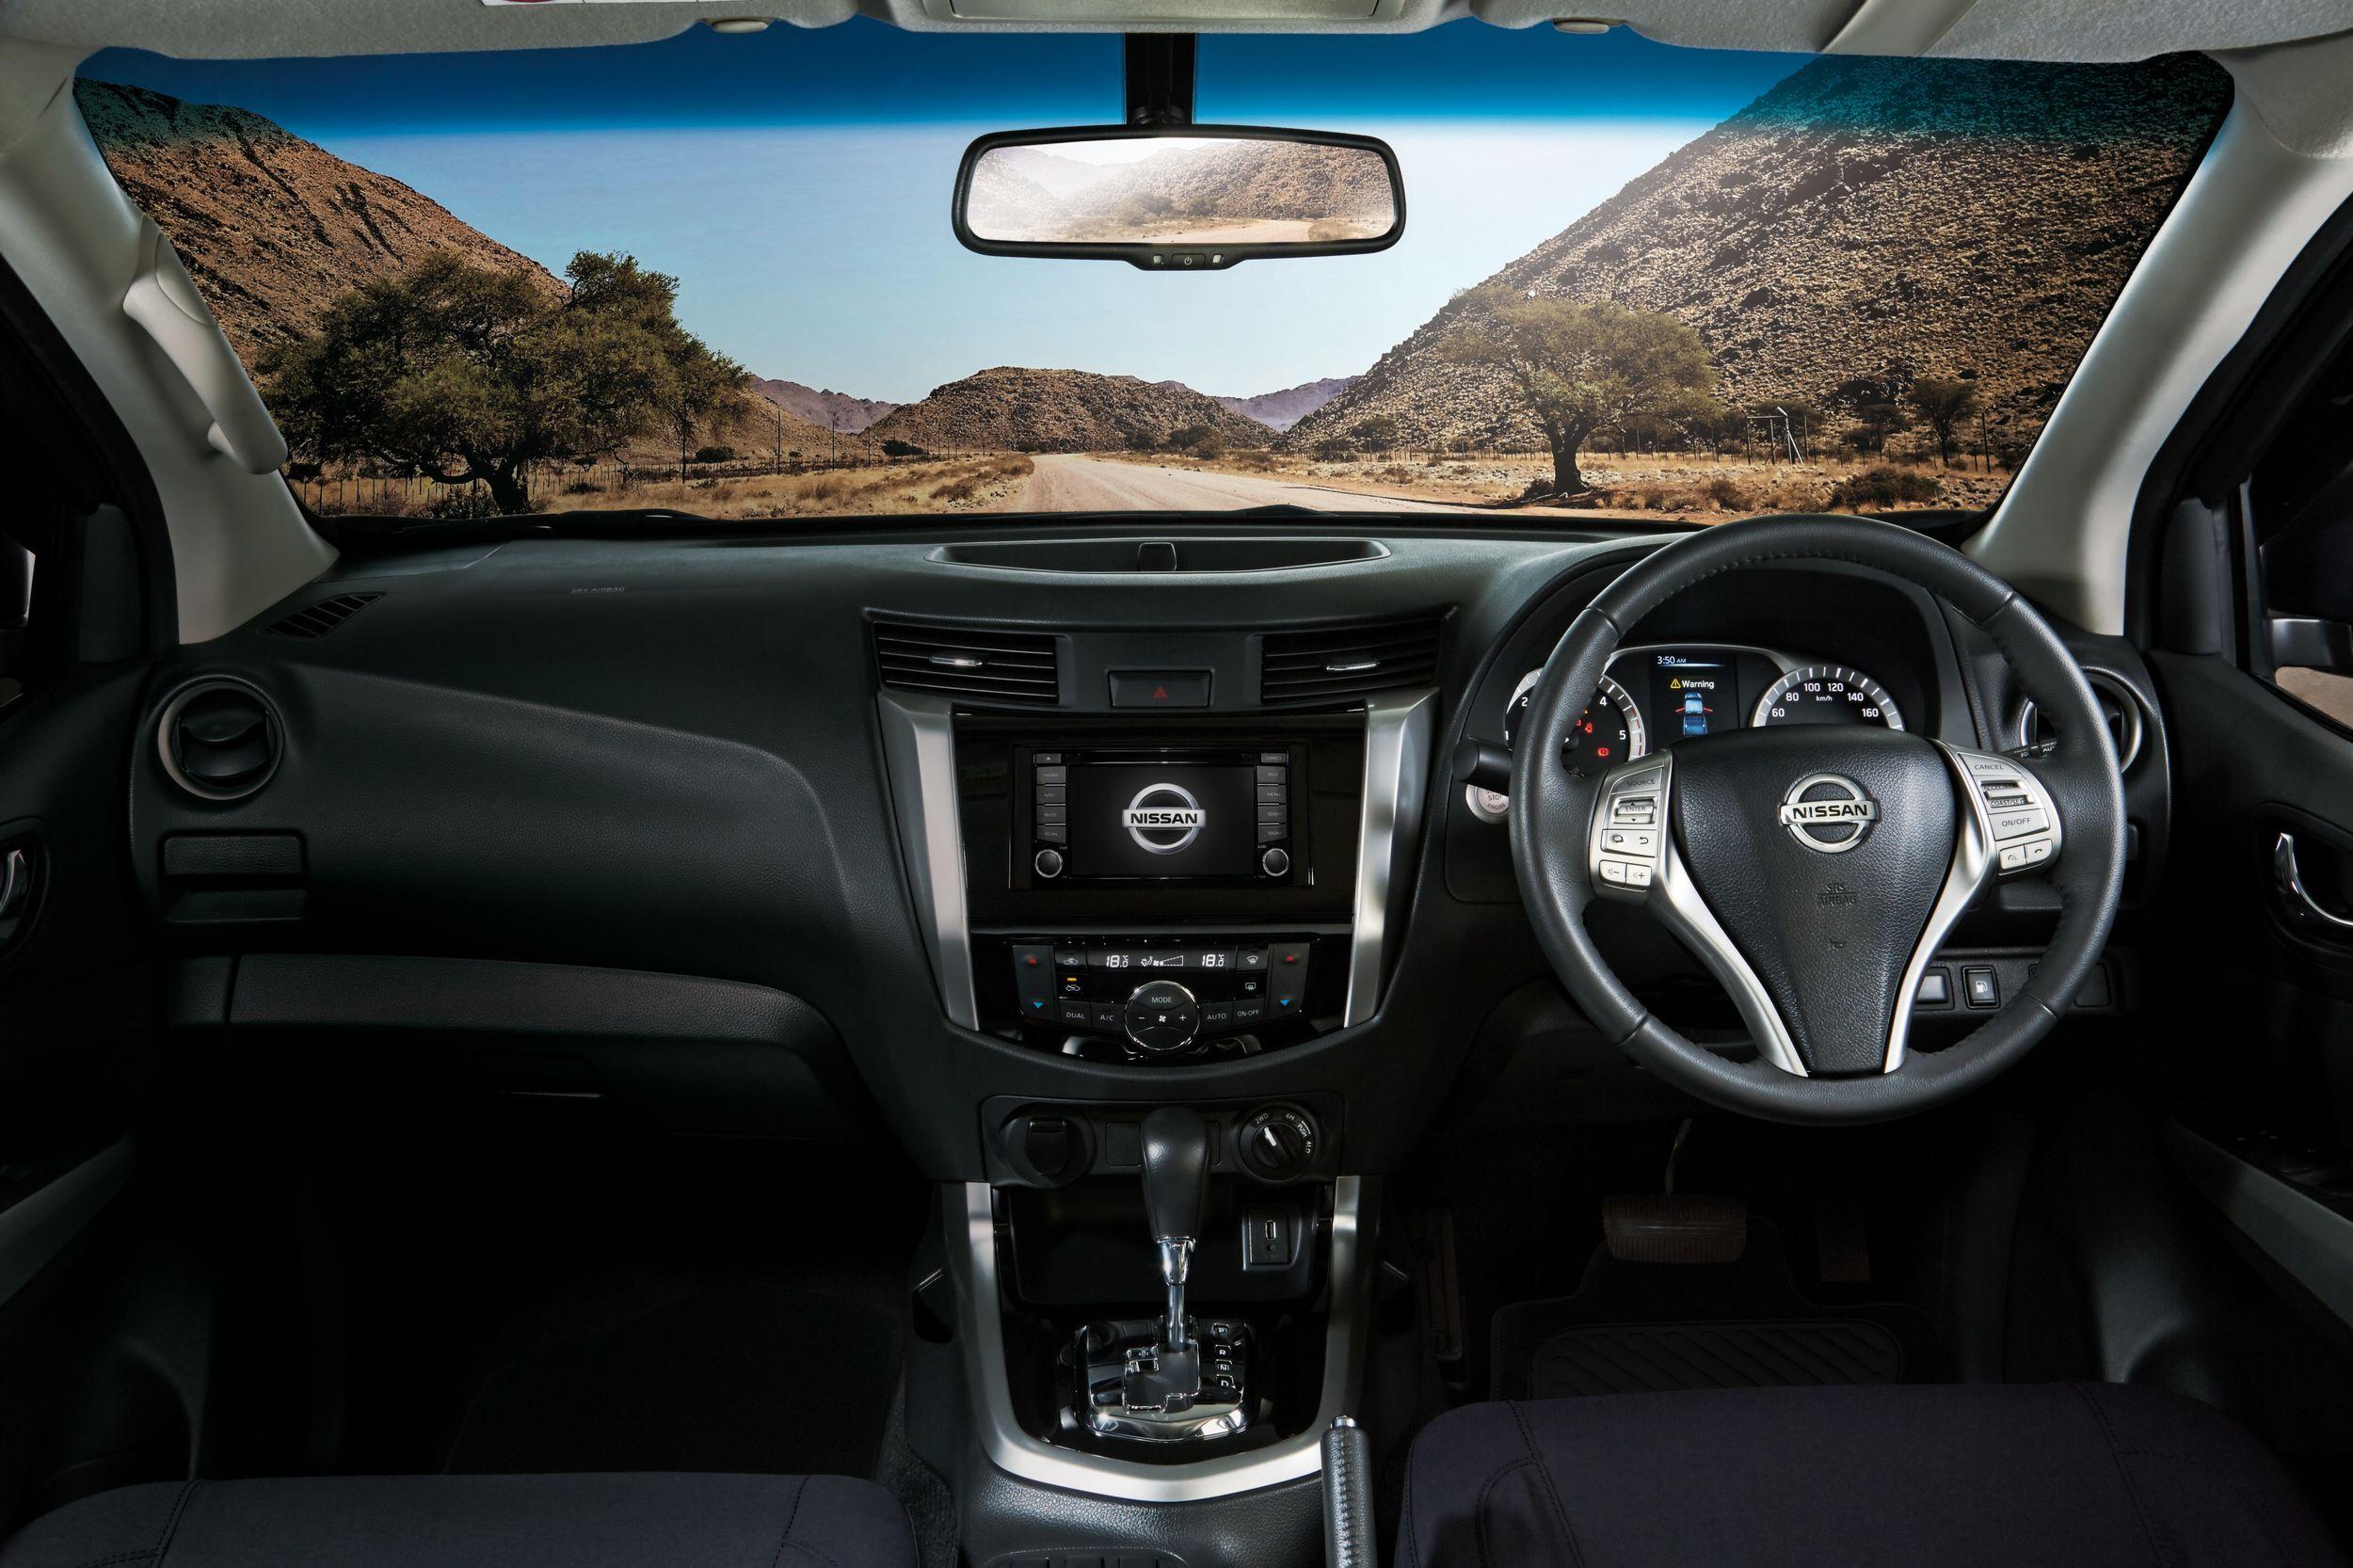 Nissan Navara Dash